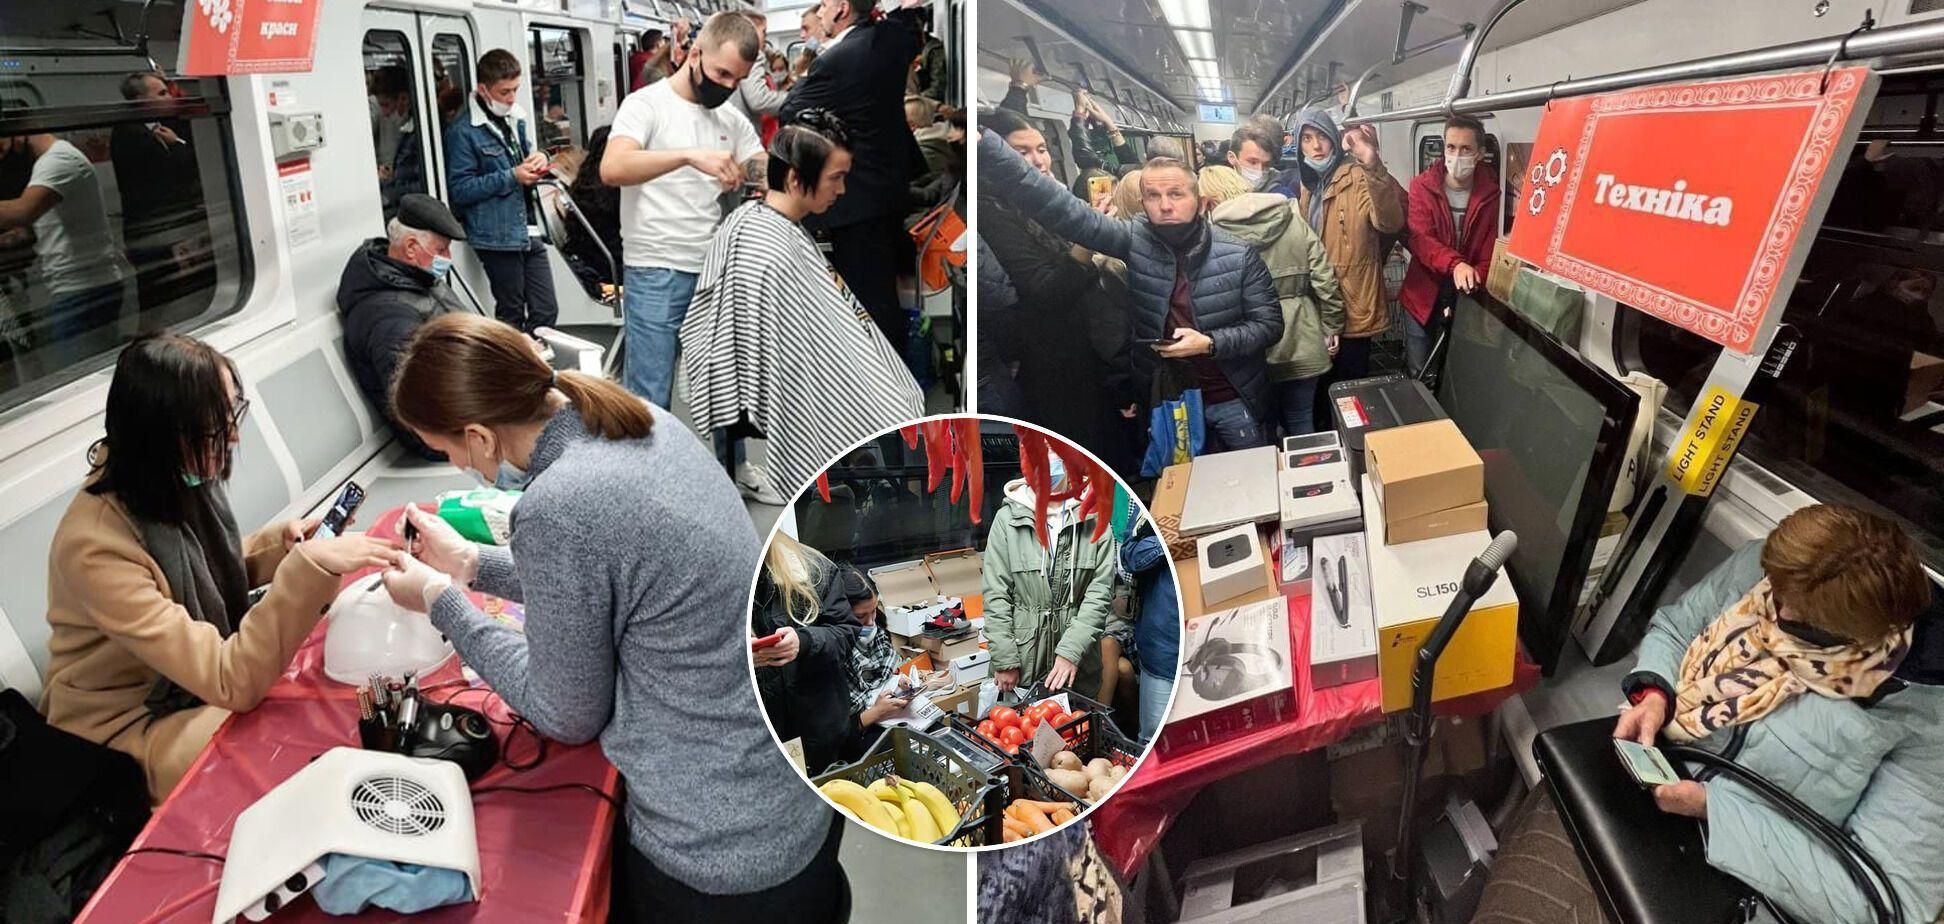 Нелегальные бизнесмены создают проблемы для пассажиров.